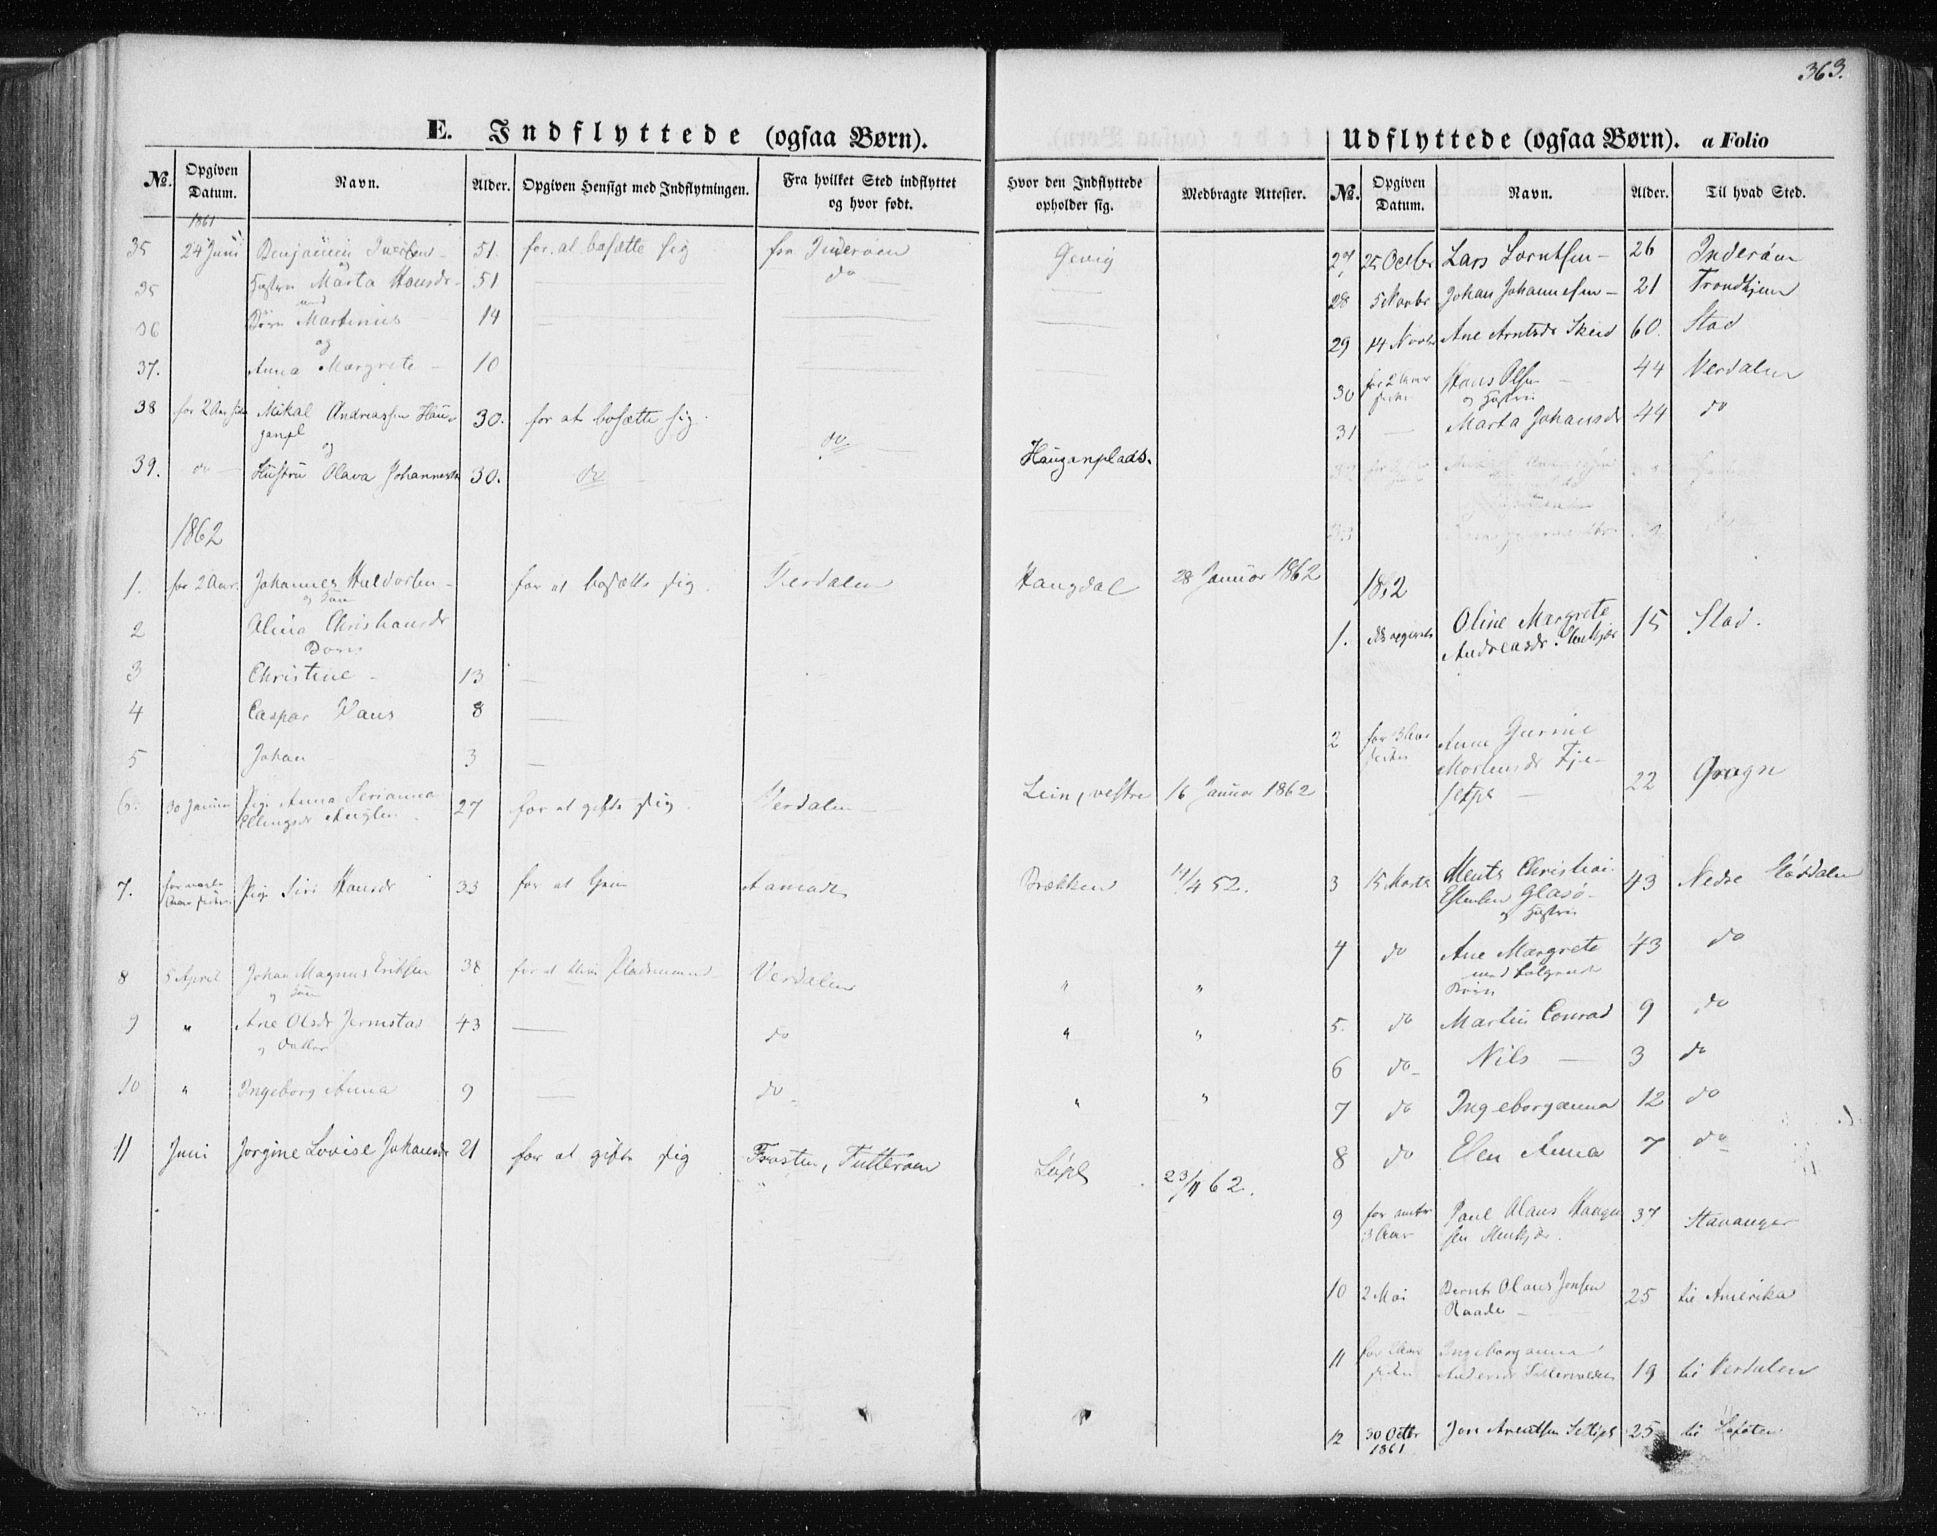 SAT, Ministerialprotokoller, klokkerbøker og fødselsregistre - Nord-Trøndelag, 735/L0342: Ministerialbok nr. 735A07 /1, 1849-1862, s. 363